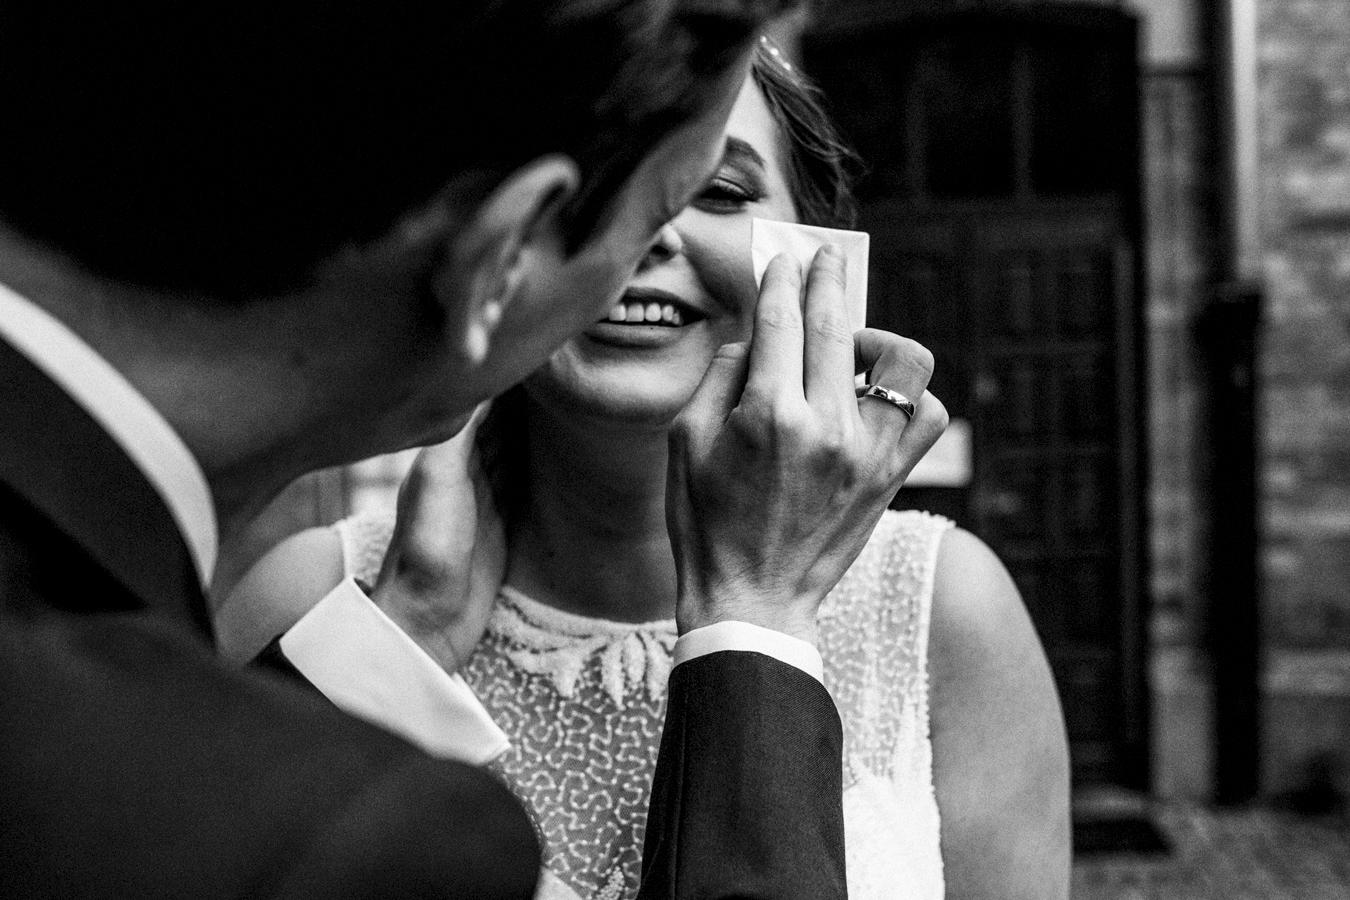 O tym, że będziecie fotografami na moim ślubie, wiedziałam jeszcze zanim poznałam swojego męża.